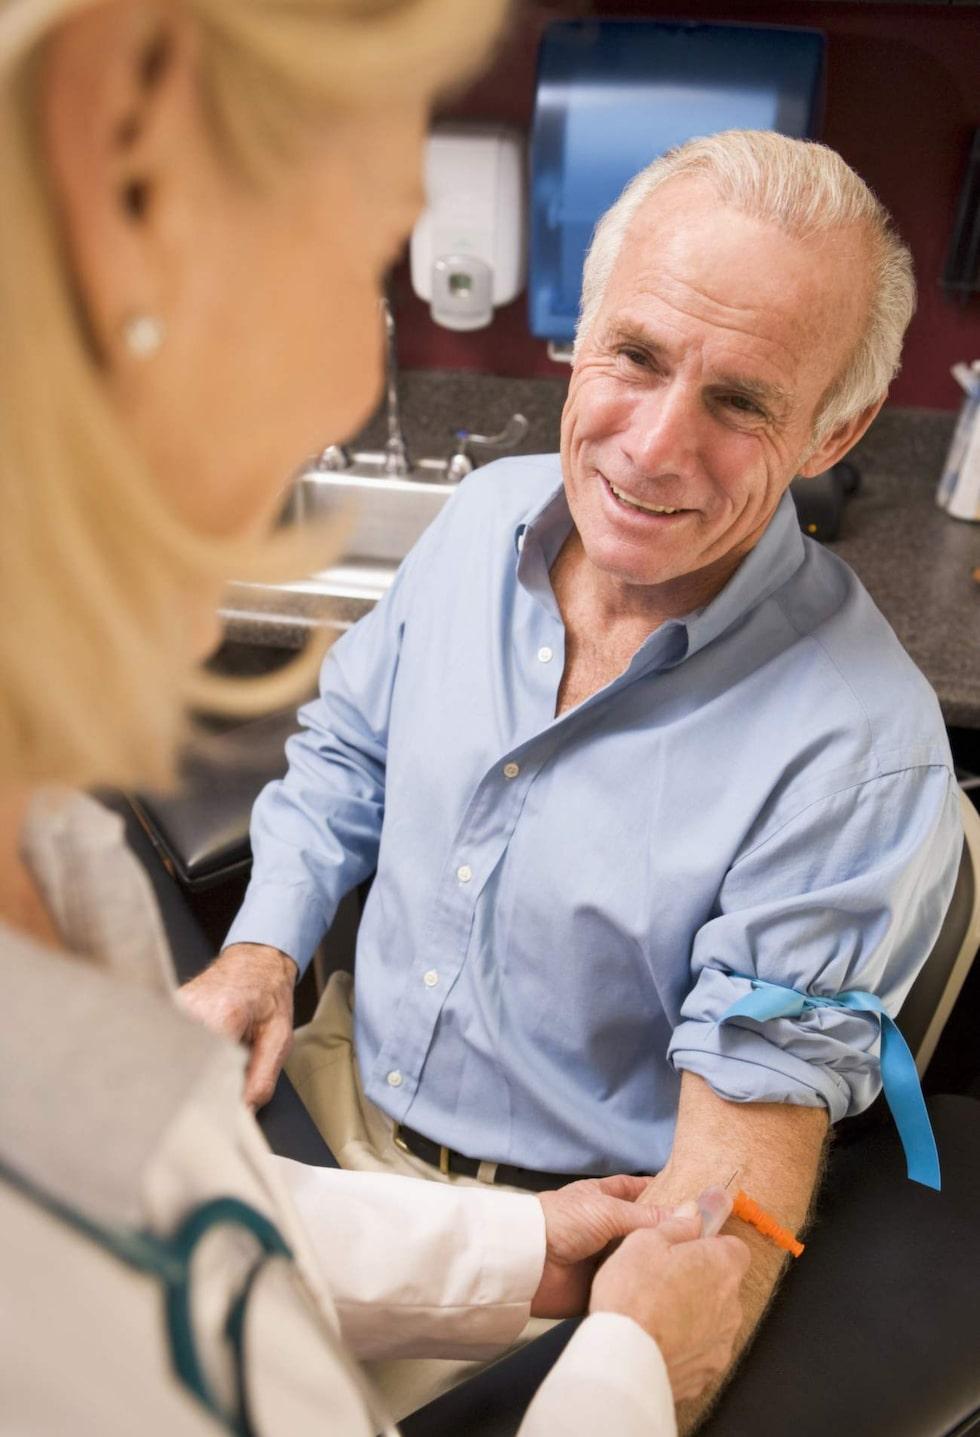 <p><strong>Enkelt blodprov.</strong> Det nya svenska testet upptäcker prostacancer tidigare och säkrare än tidigare tester.</p>